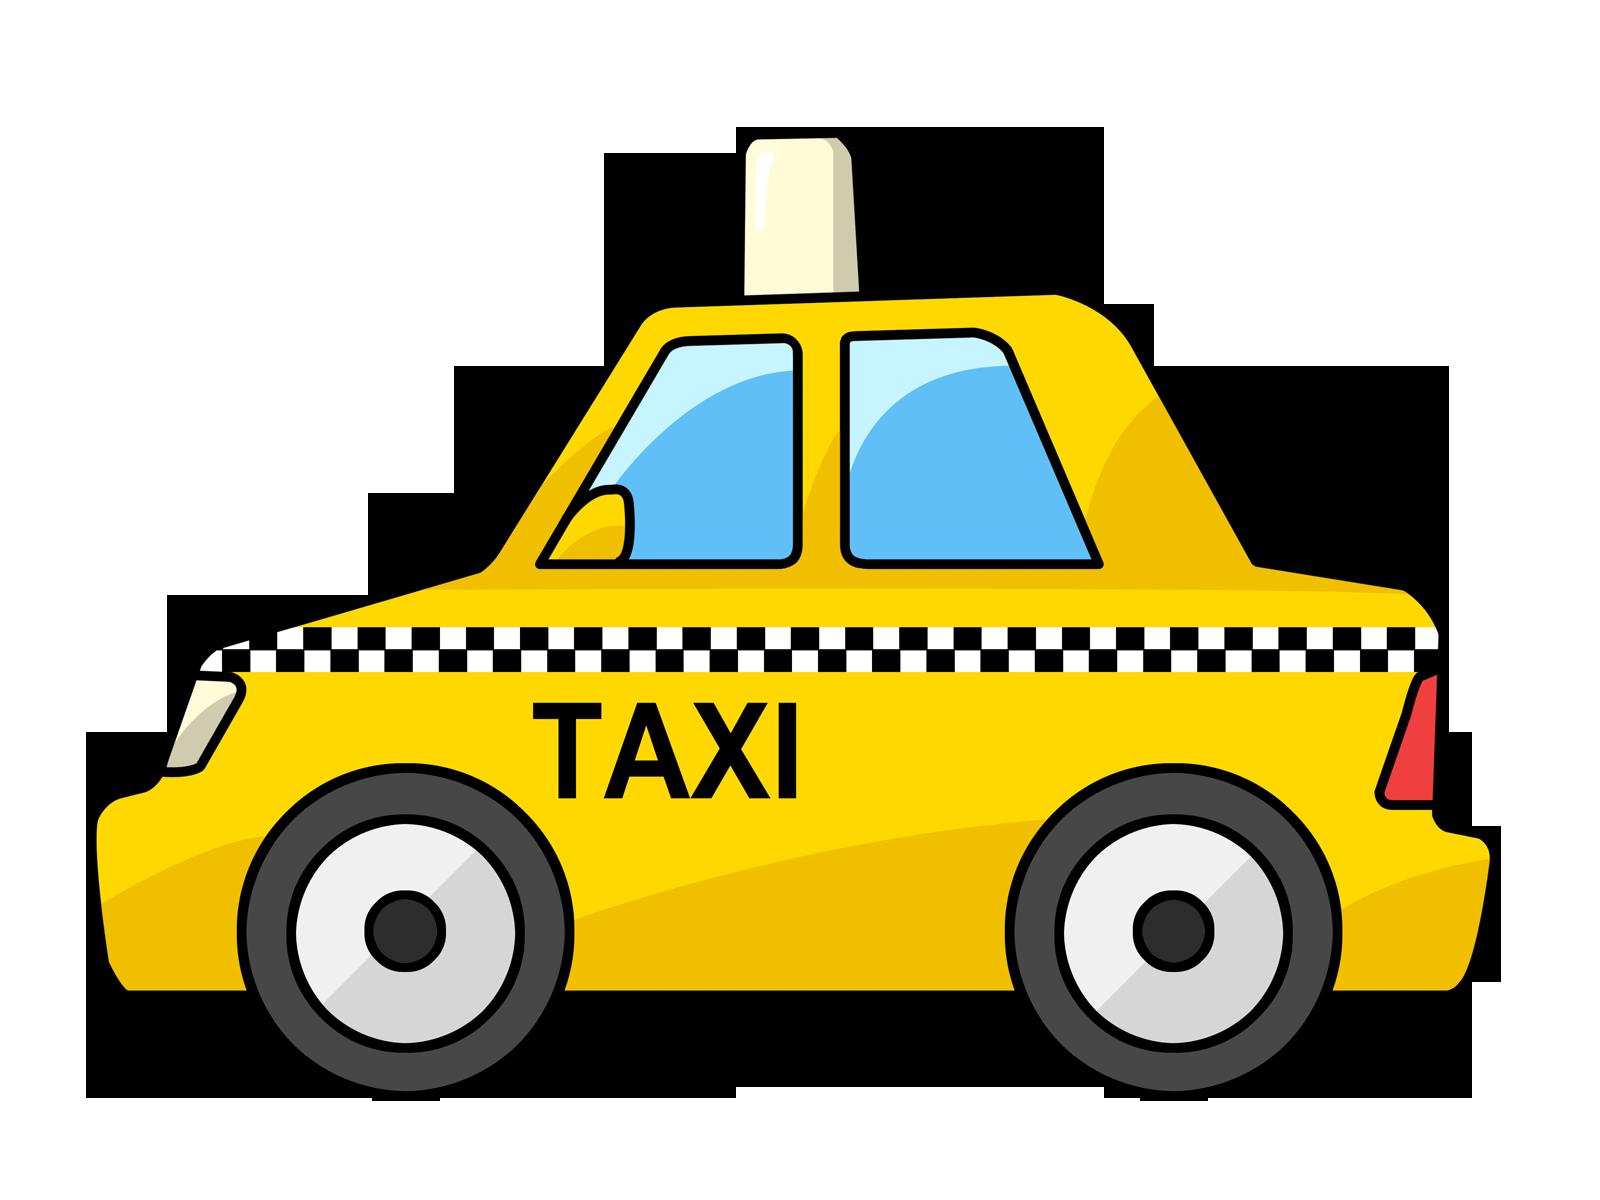 Cab Clipart: Yellow Taxi Cab Clip Art-Cab clipart: yellow taxi cab clip art-5